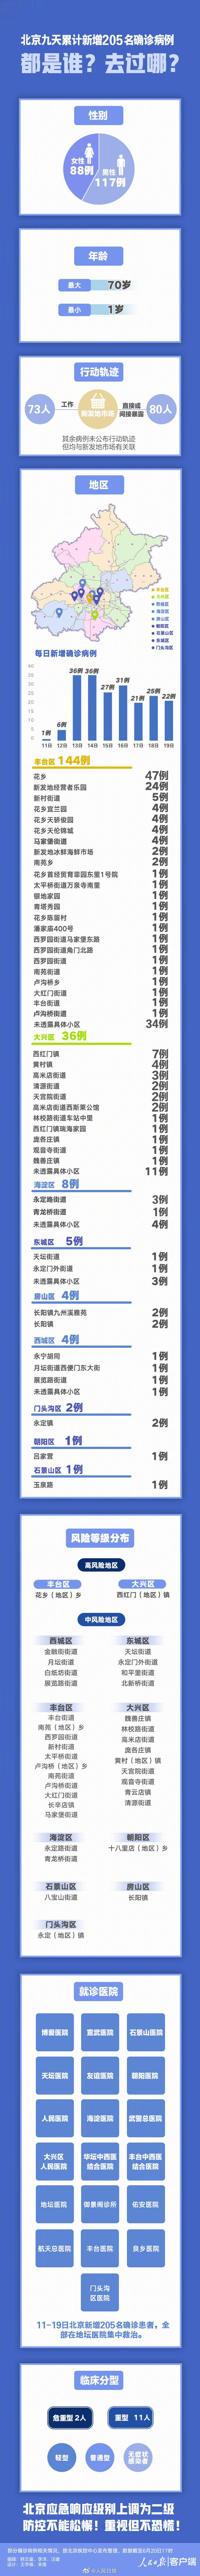 摩天娱乐:京9天新增摩天娱乐205例都是谁图片